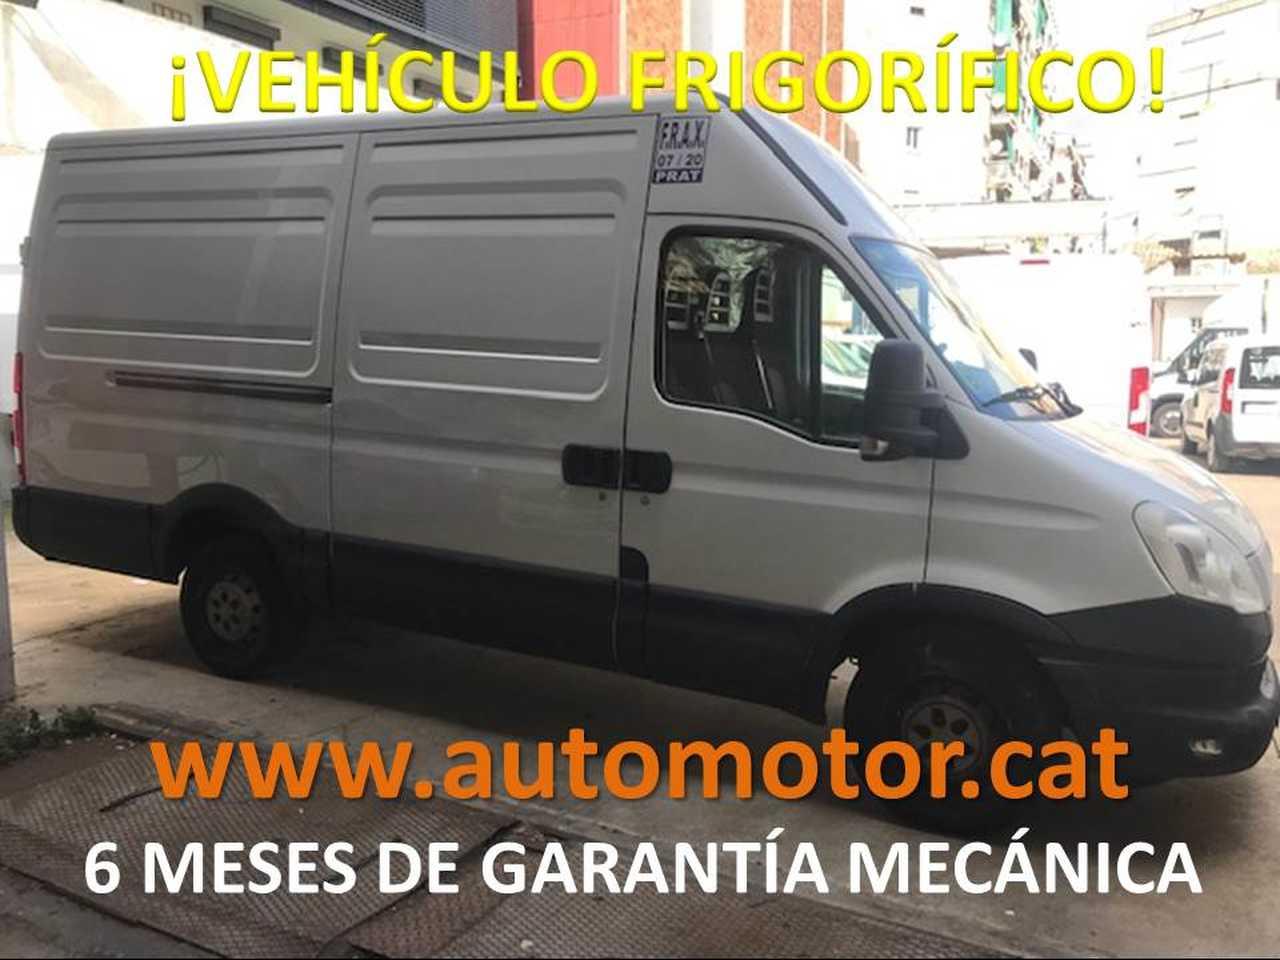 Iveco Daily 35 S 13 L2H2 FRIGORIFICO - GARANTIA MECANICA  - Foto 1